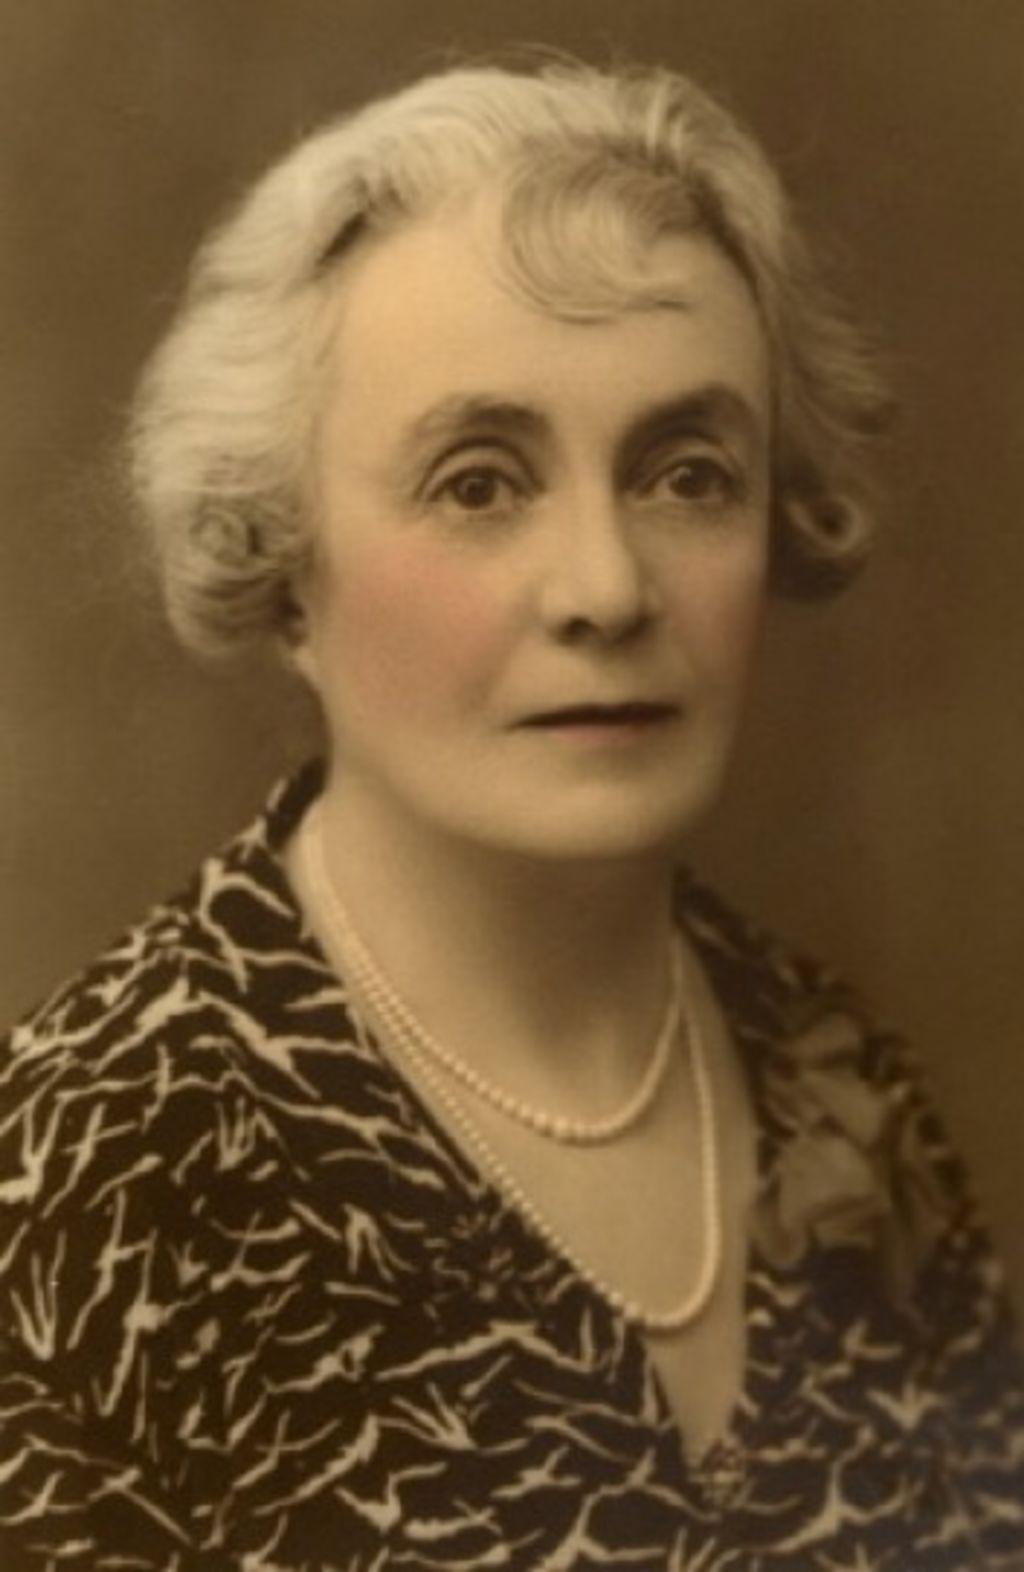 A portrait of Bessie Rischbieth, circa 1930s. Photo: Freeman